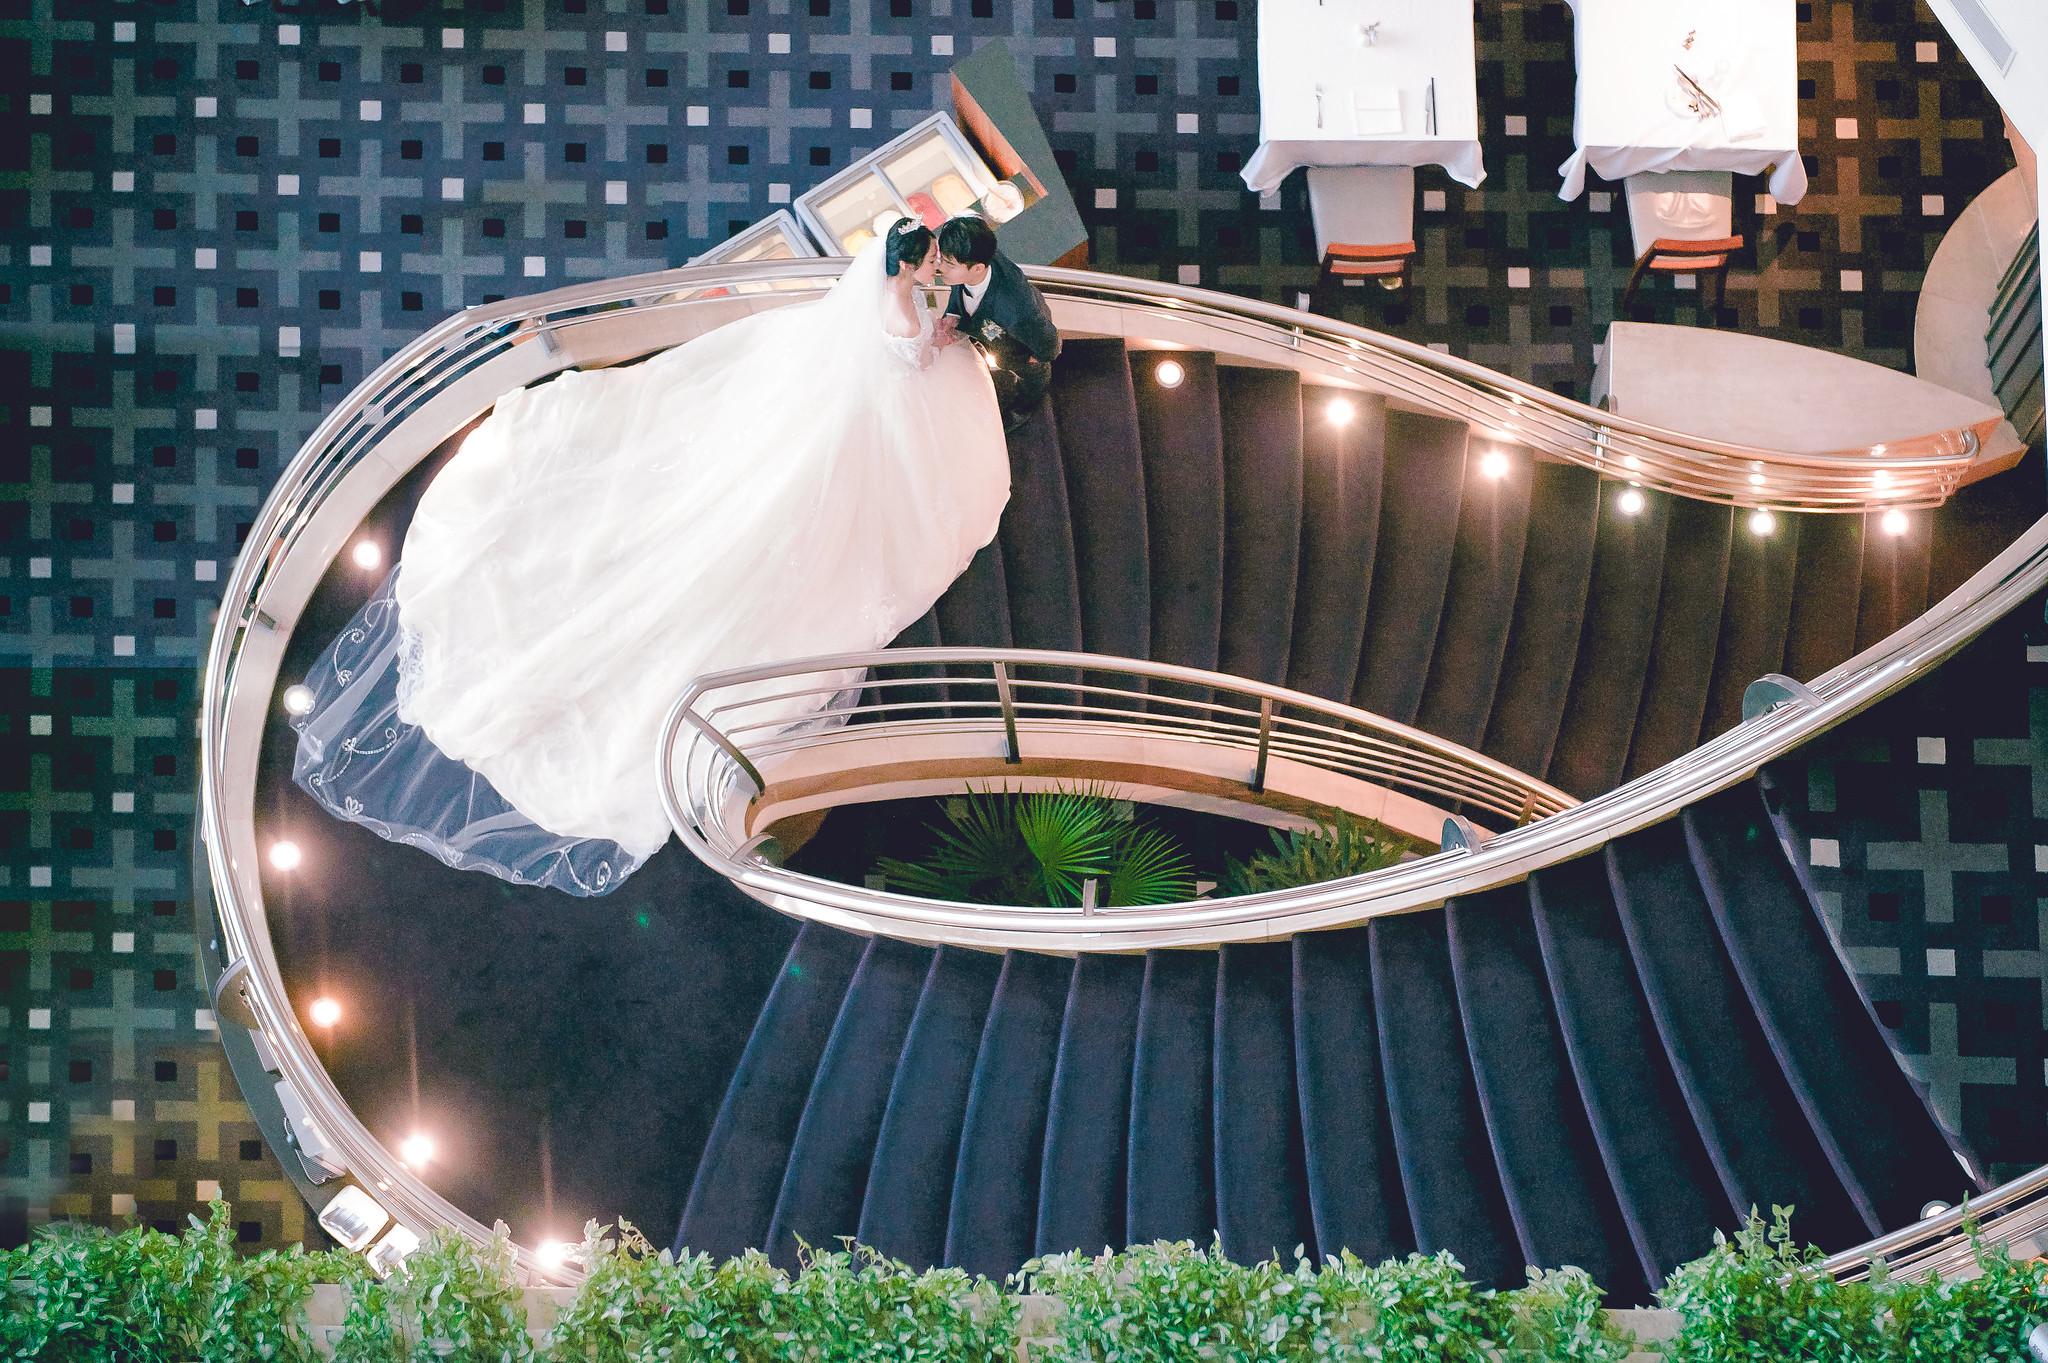 新竹國賓飯店,婚禮錄影,新竹婚錄,SDE,快剪快播